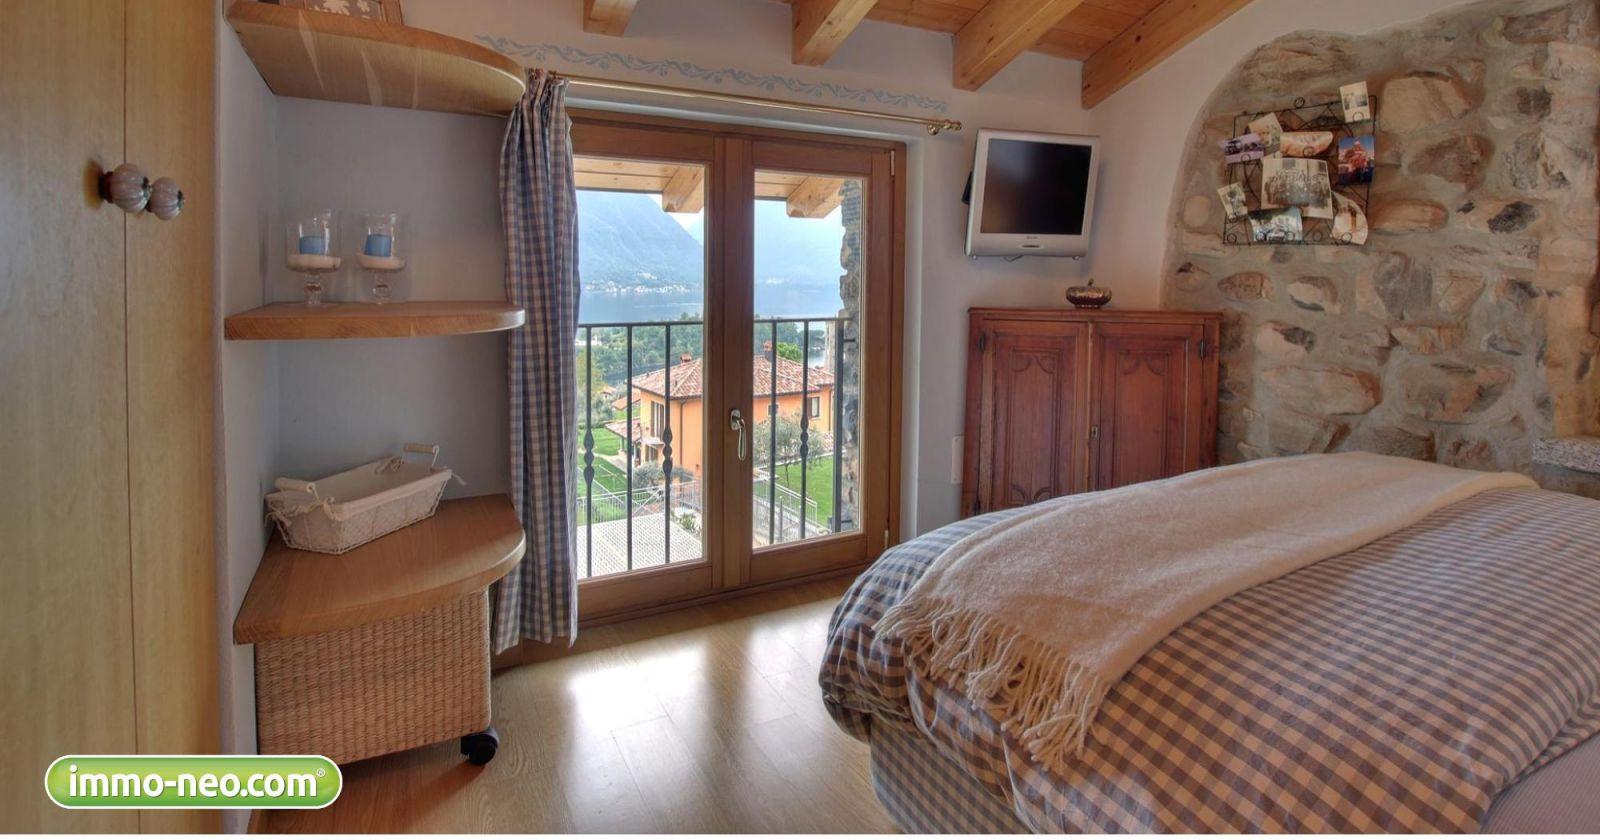 Due case da sogno in vendita tra privati sul lago di como for Case gotiche vittoriane in vendita